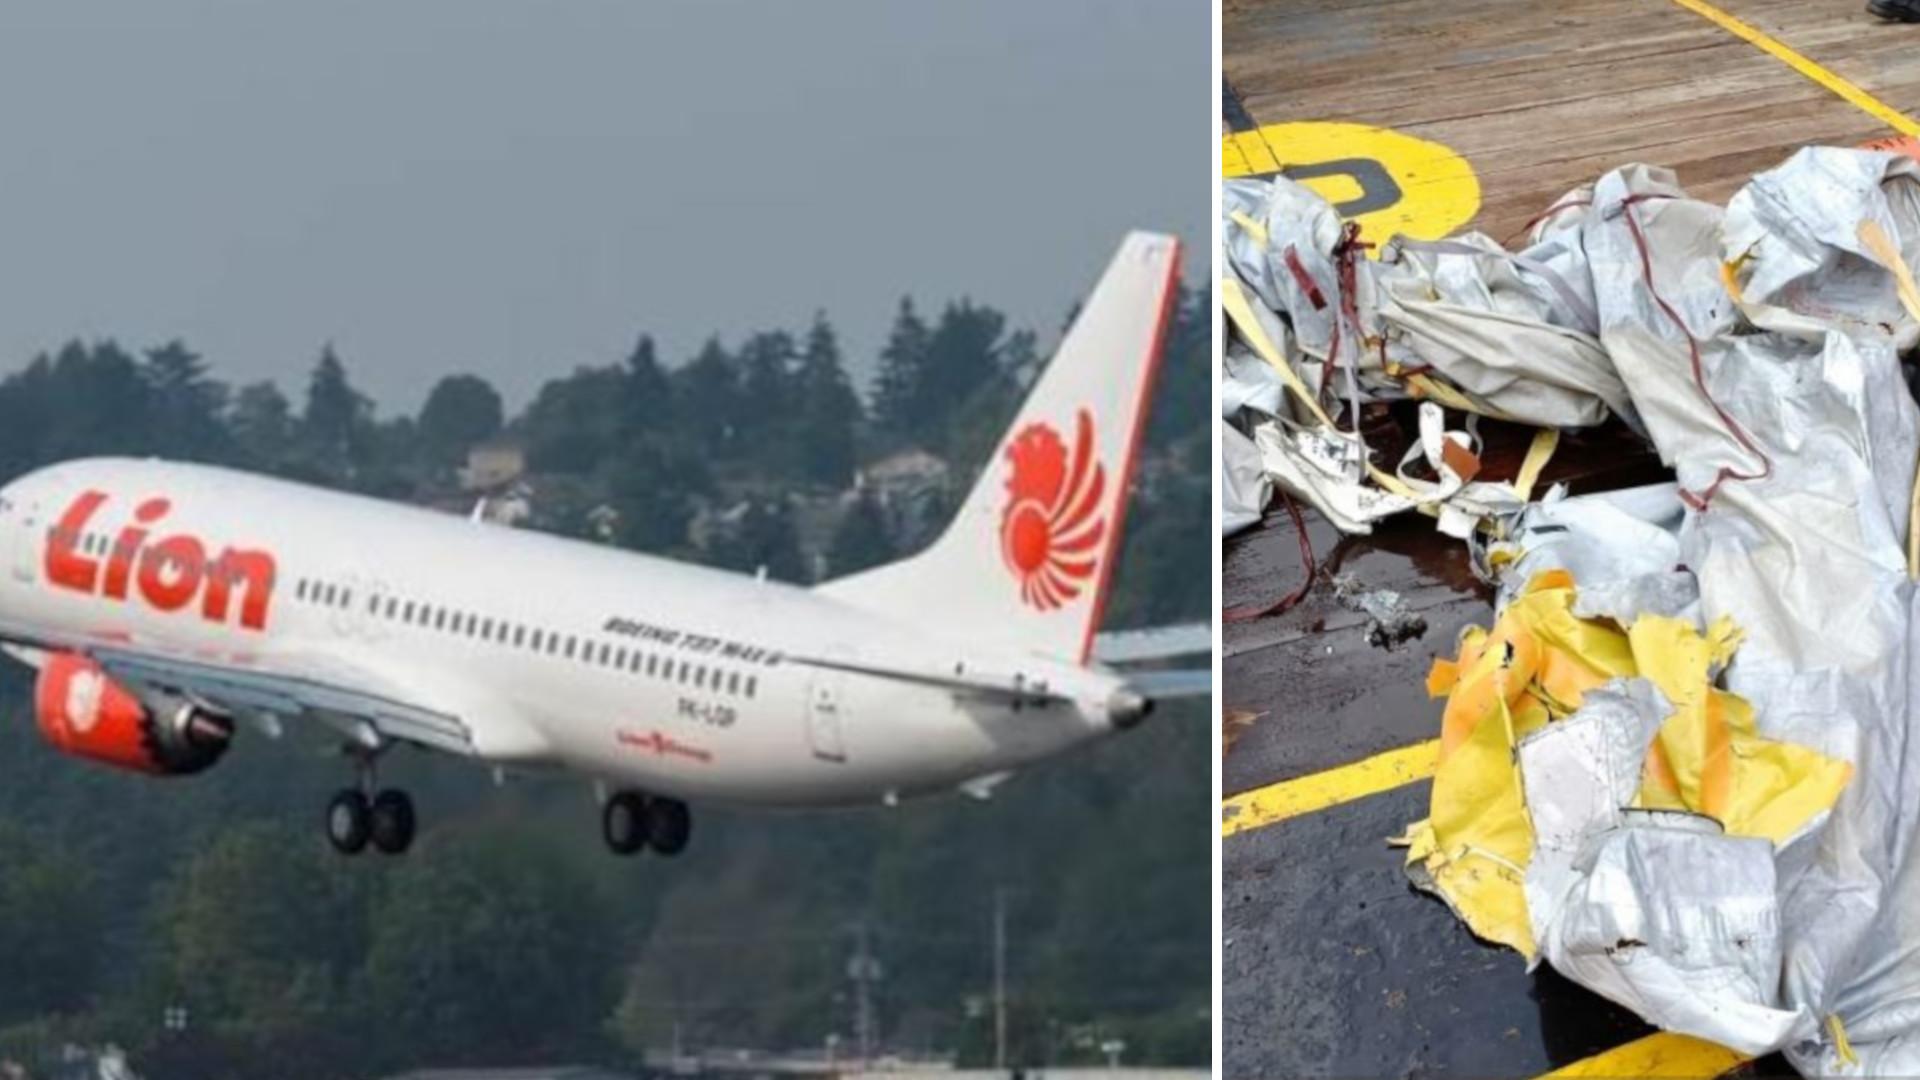 KATASTROFA samolotu – rozbił się kilkanaście minut po starcie z lotniska